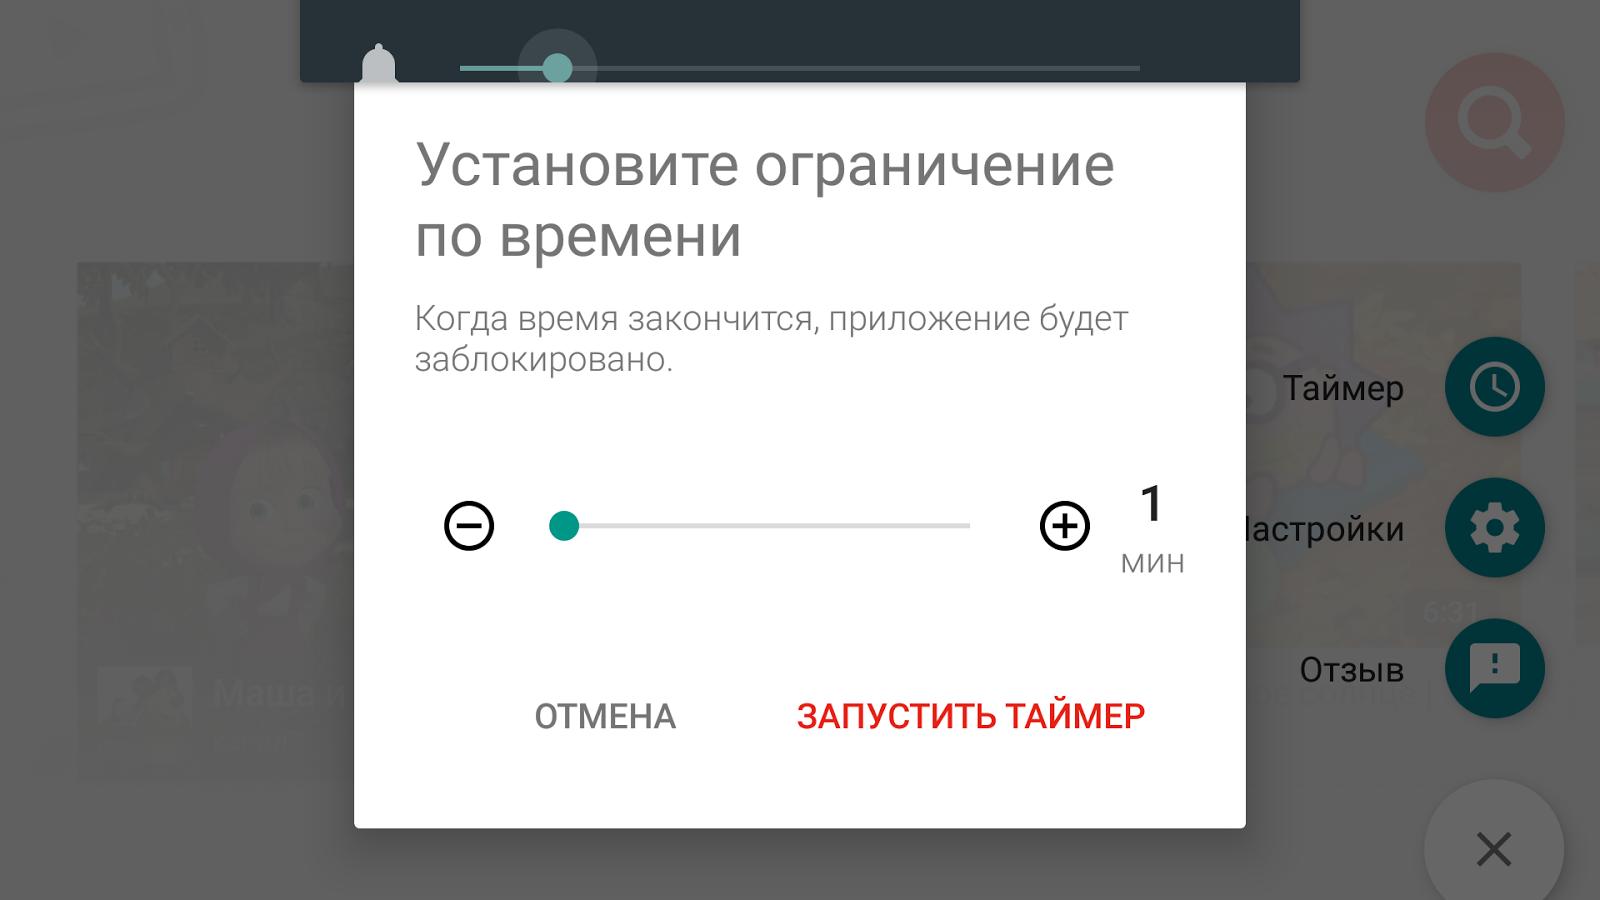 приложение ютуб java не работает